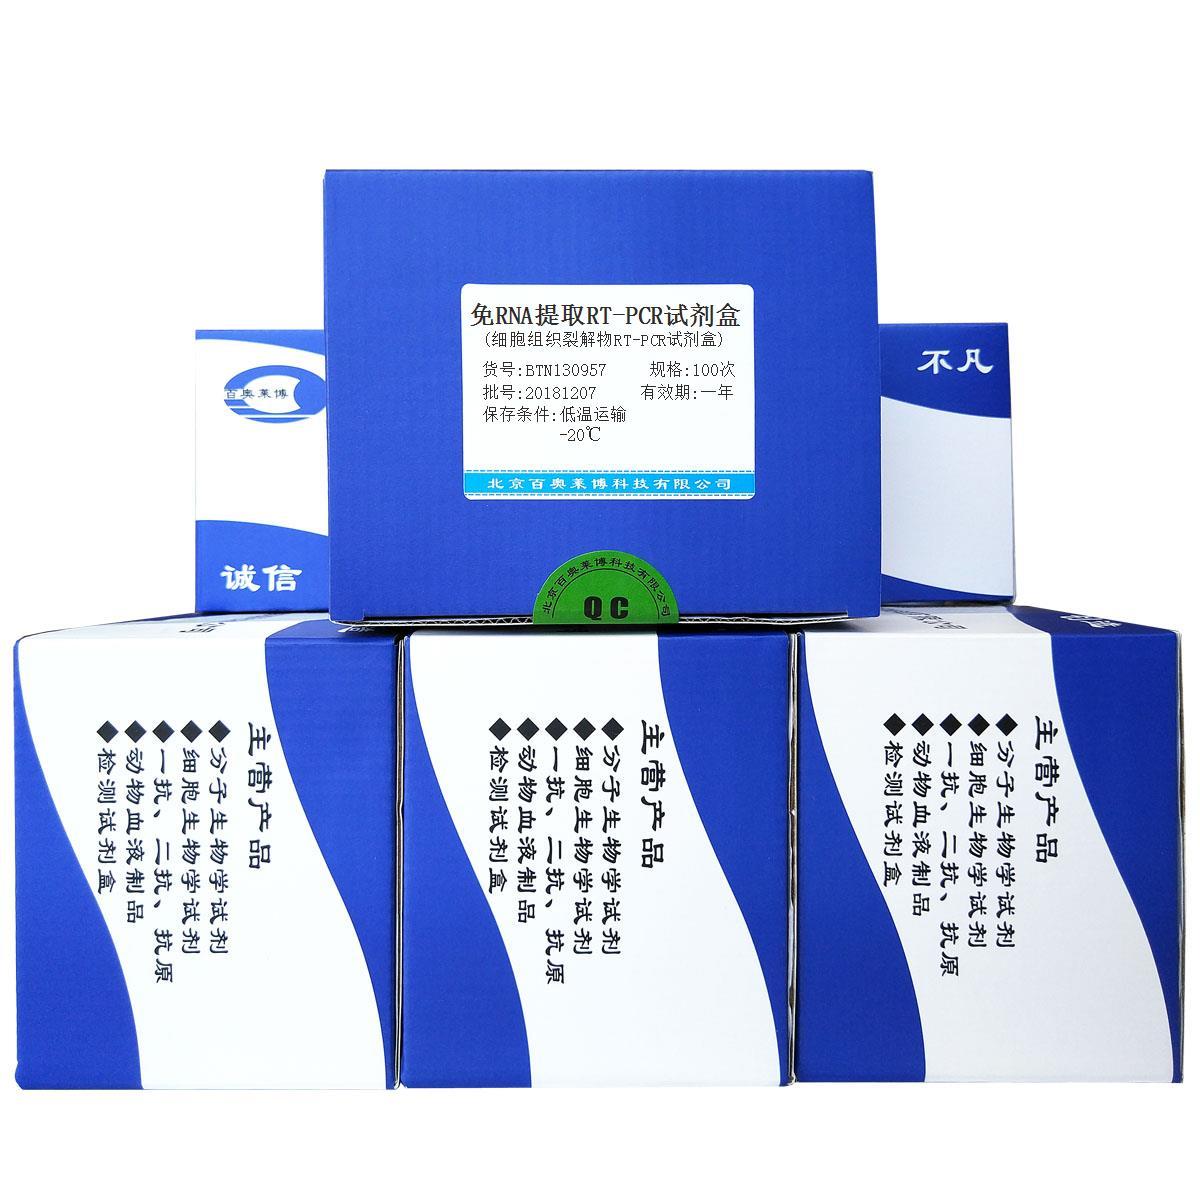 免RNA提取RT-PCR试剂盒(细胞组织裂解物RT-PCR试剂盒)